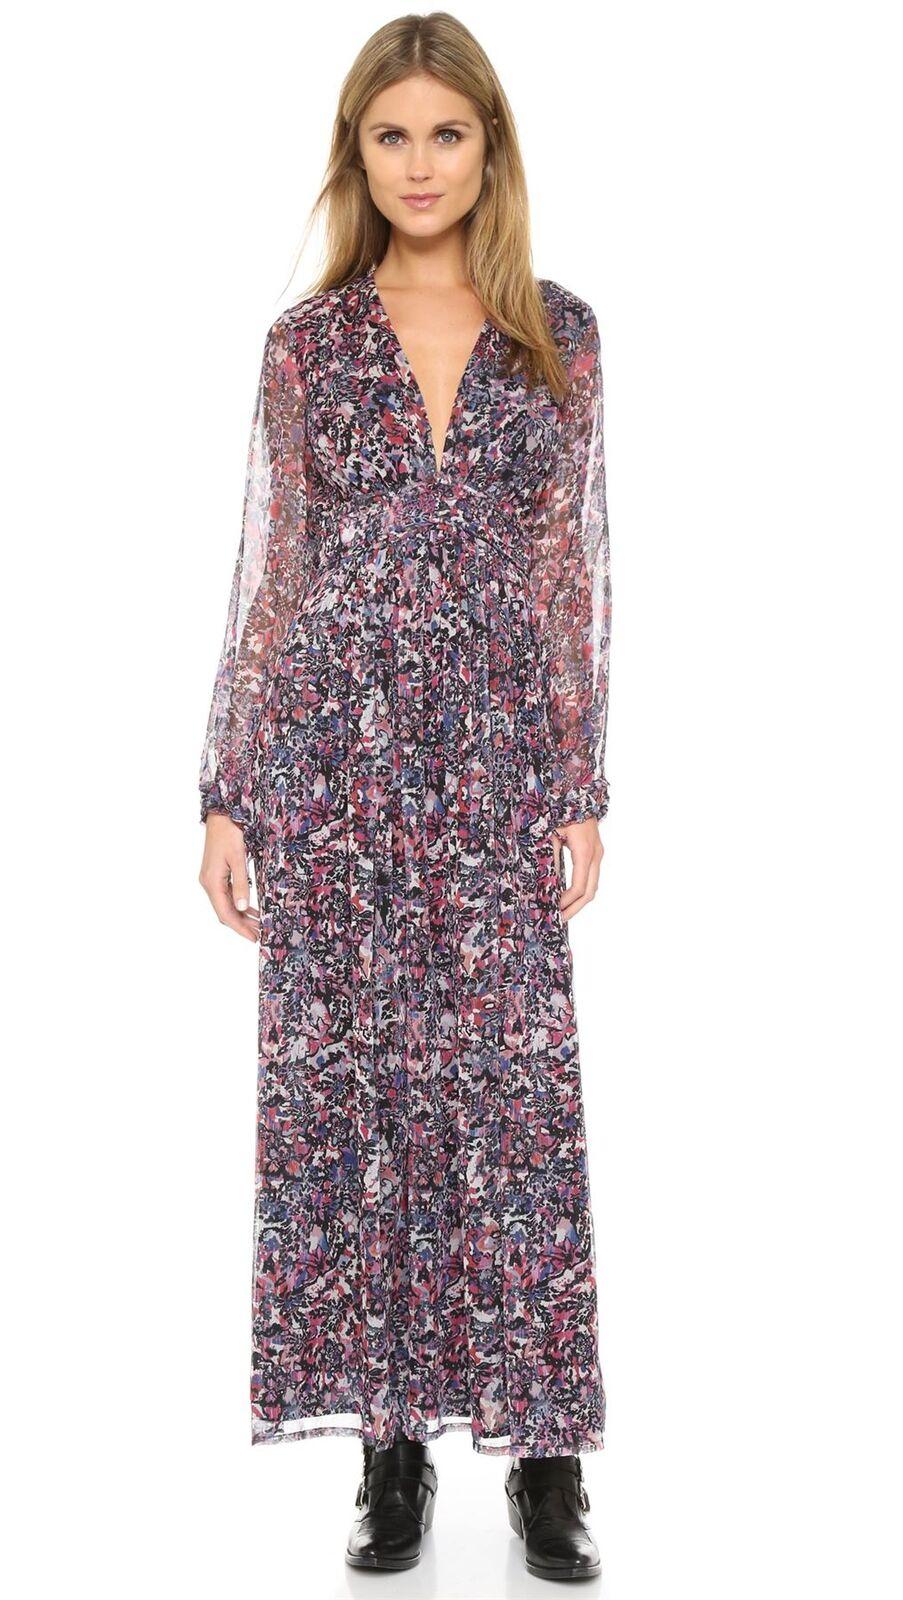 IRO KIMIE Floral  Vestido Maxi FR 36 Reino Unido 8  precios al por mayor